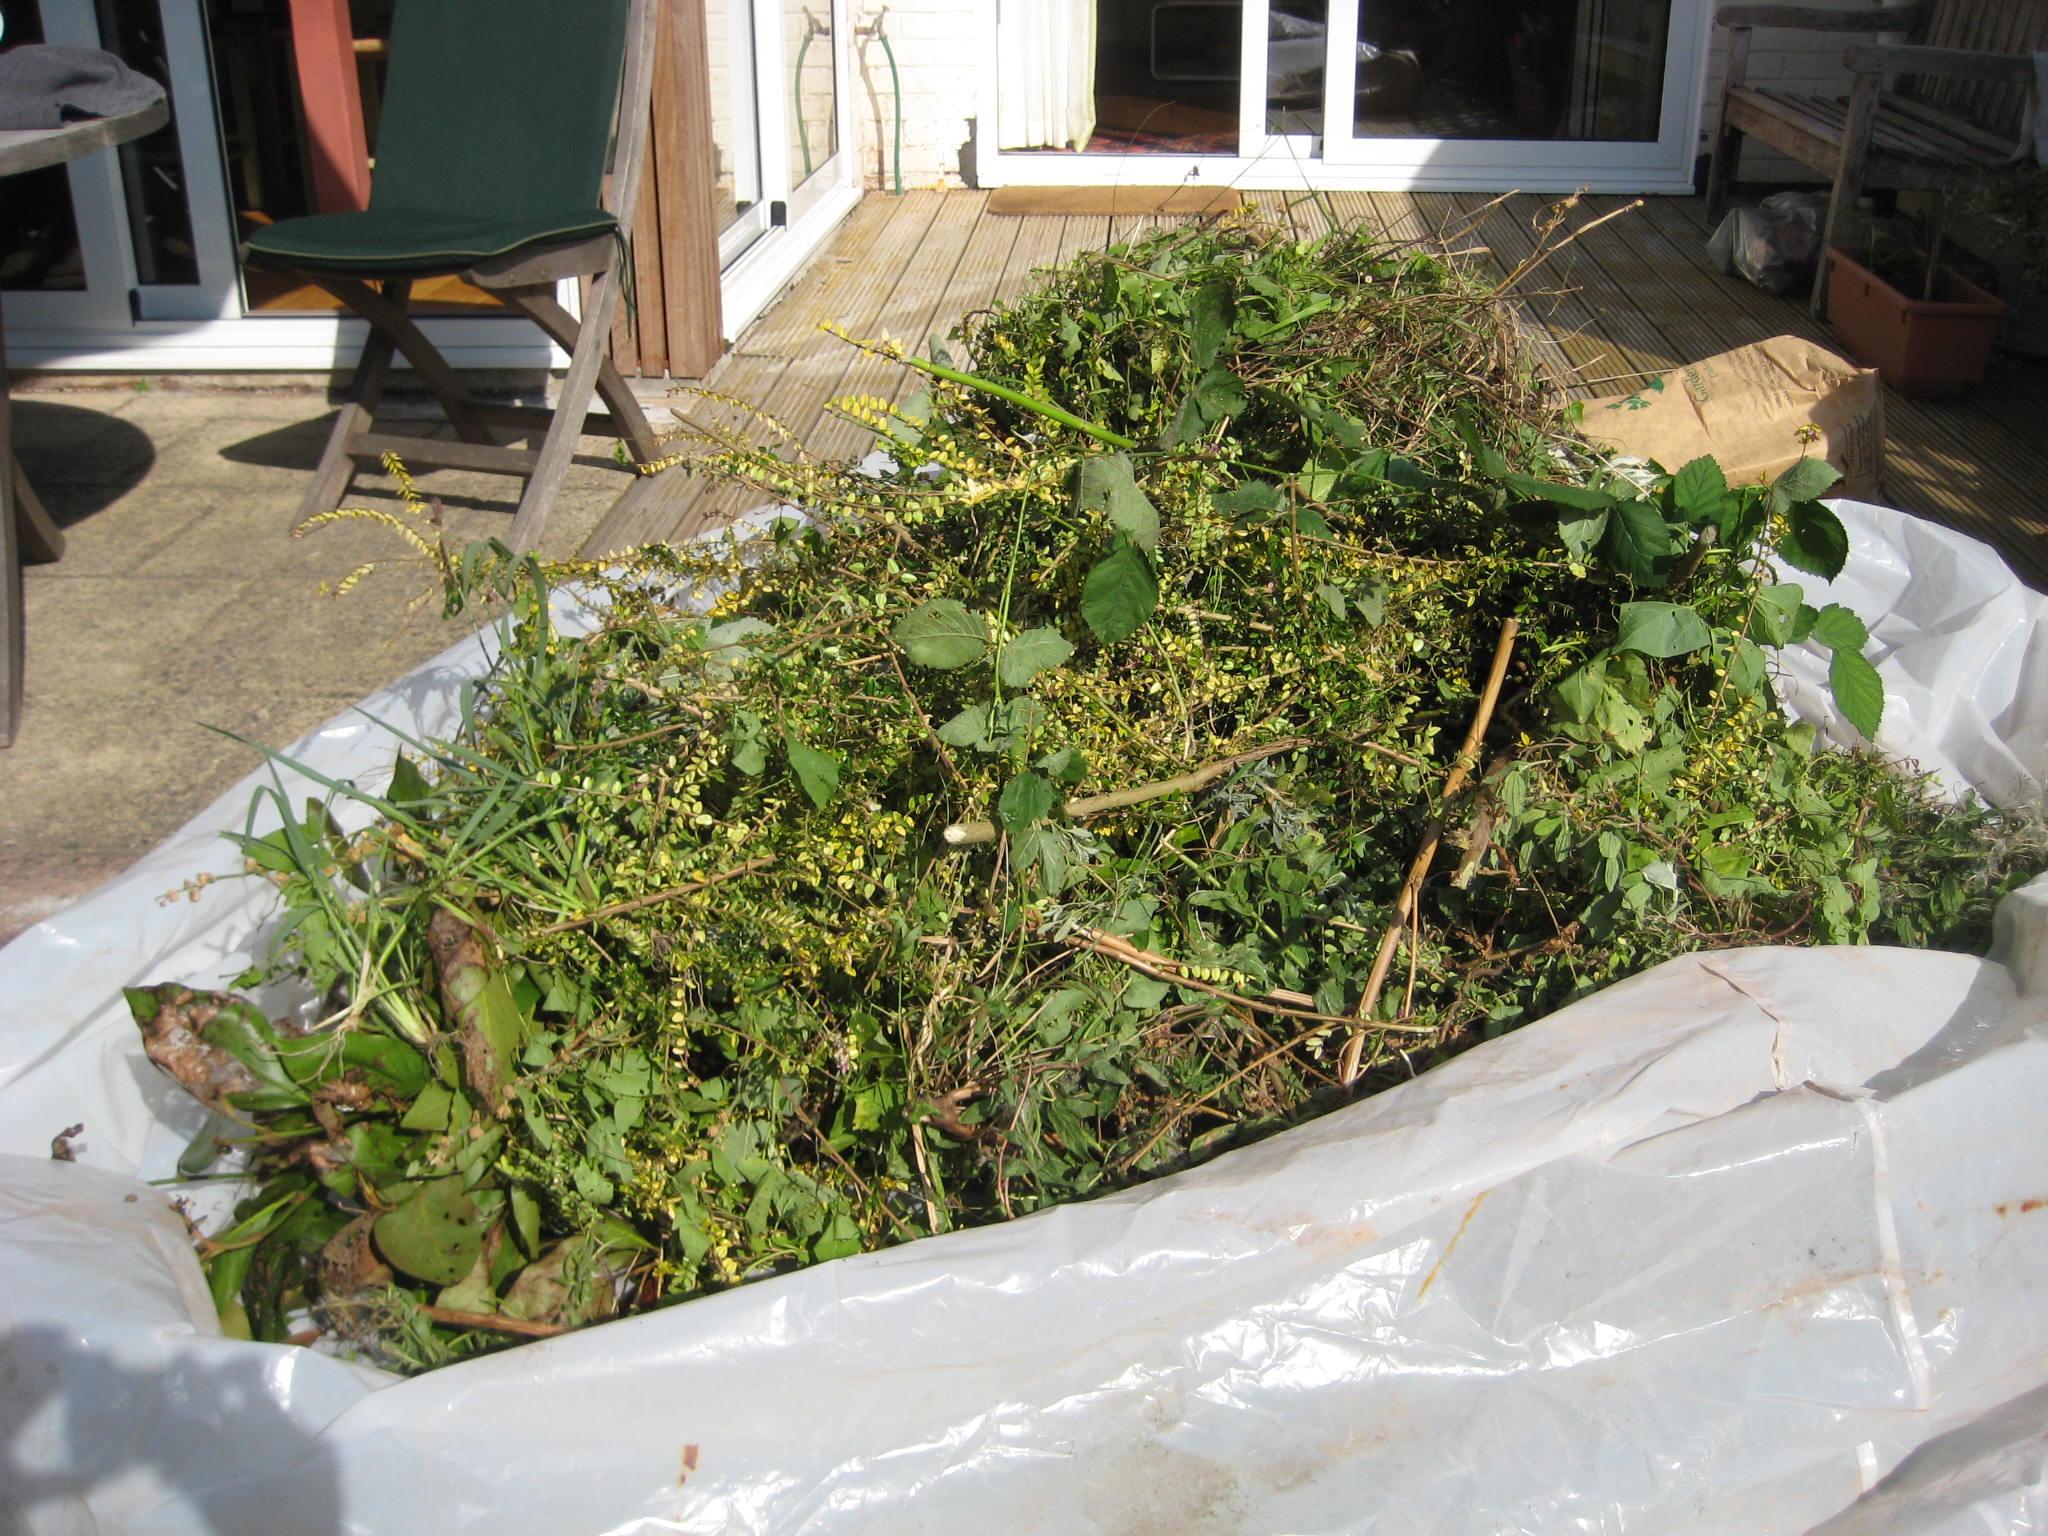 Extended Gardening Metaphor Alert